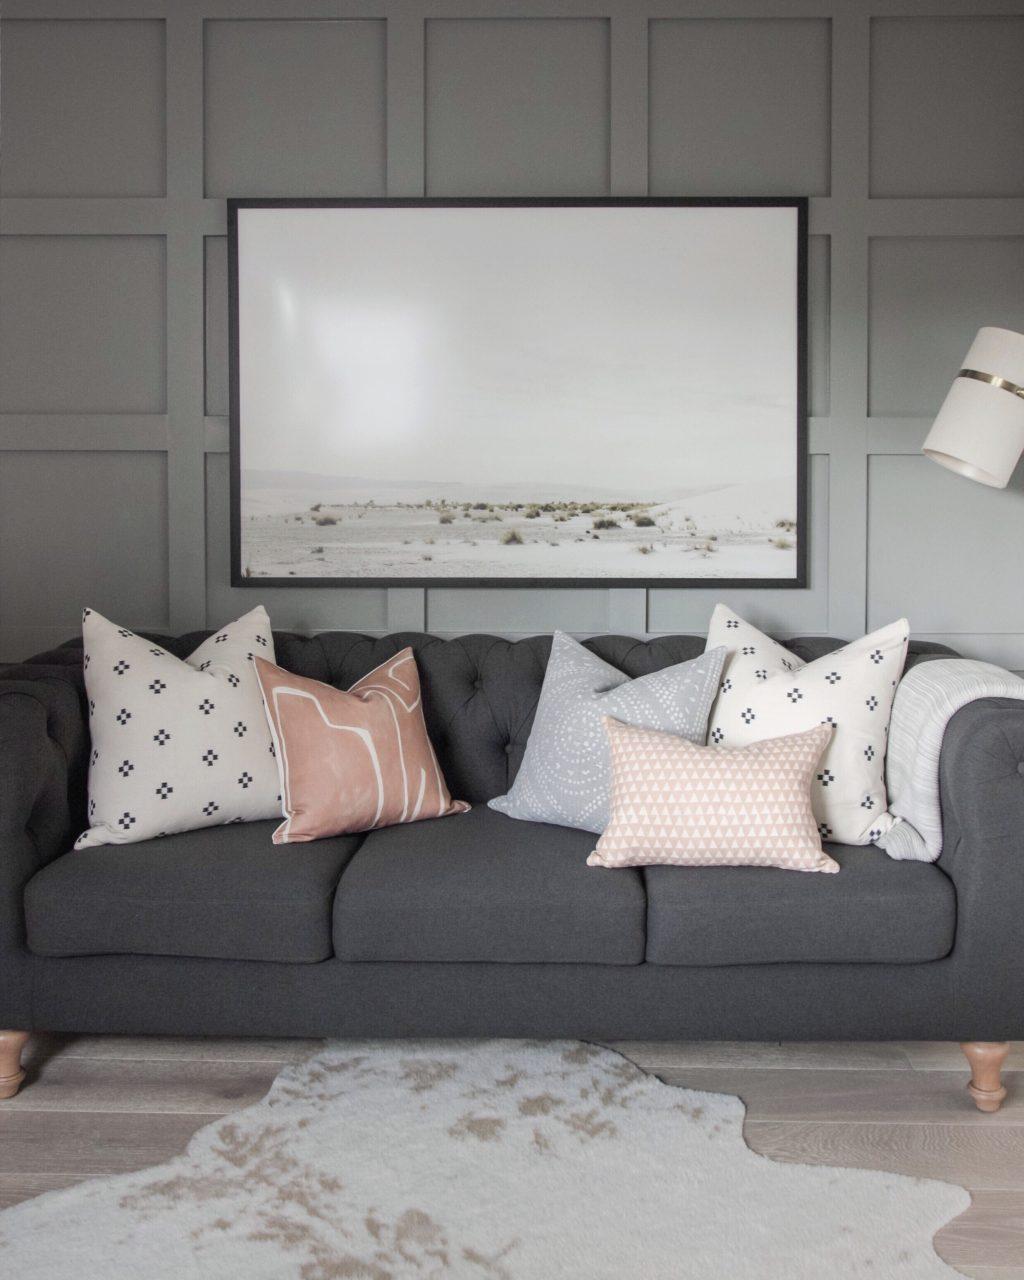 timeless decor in living room